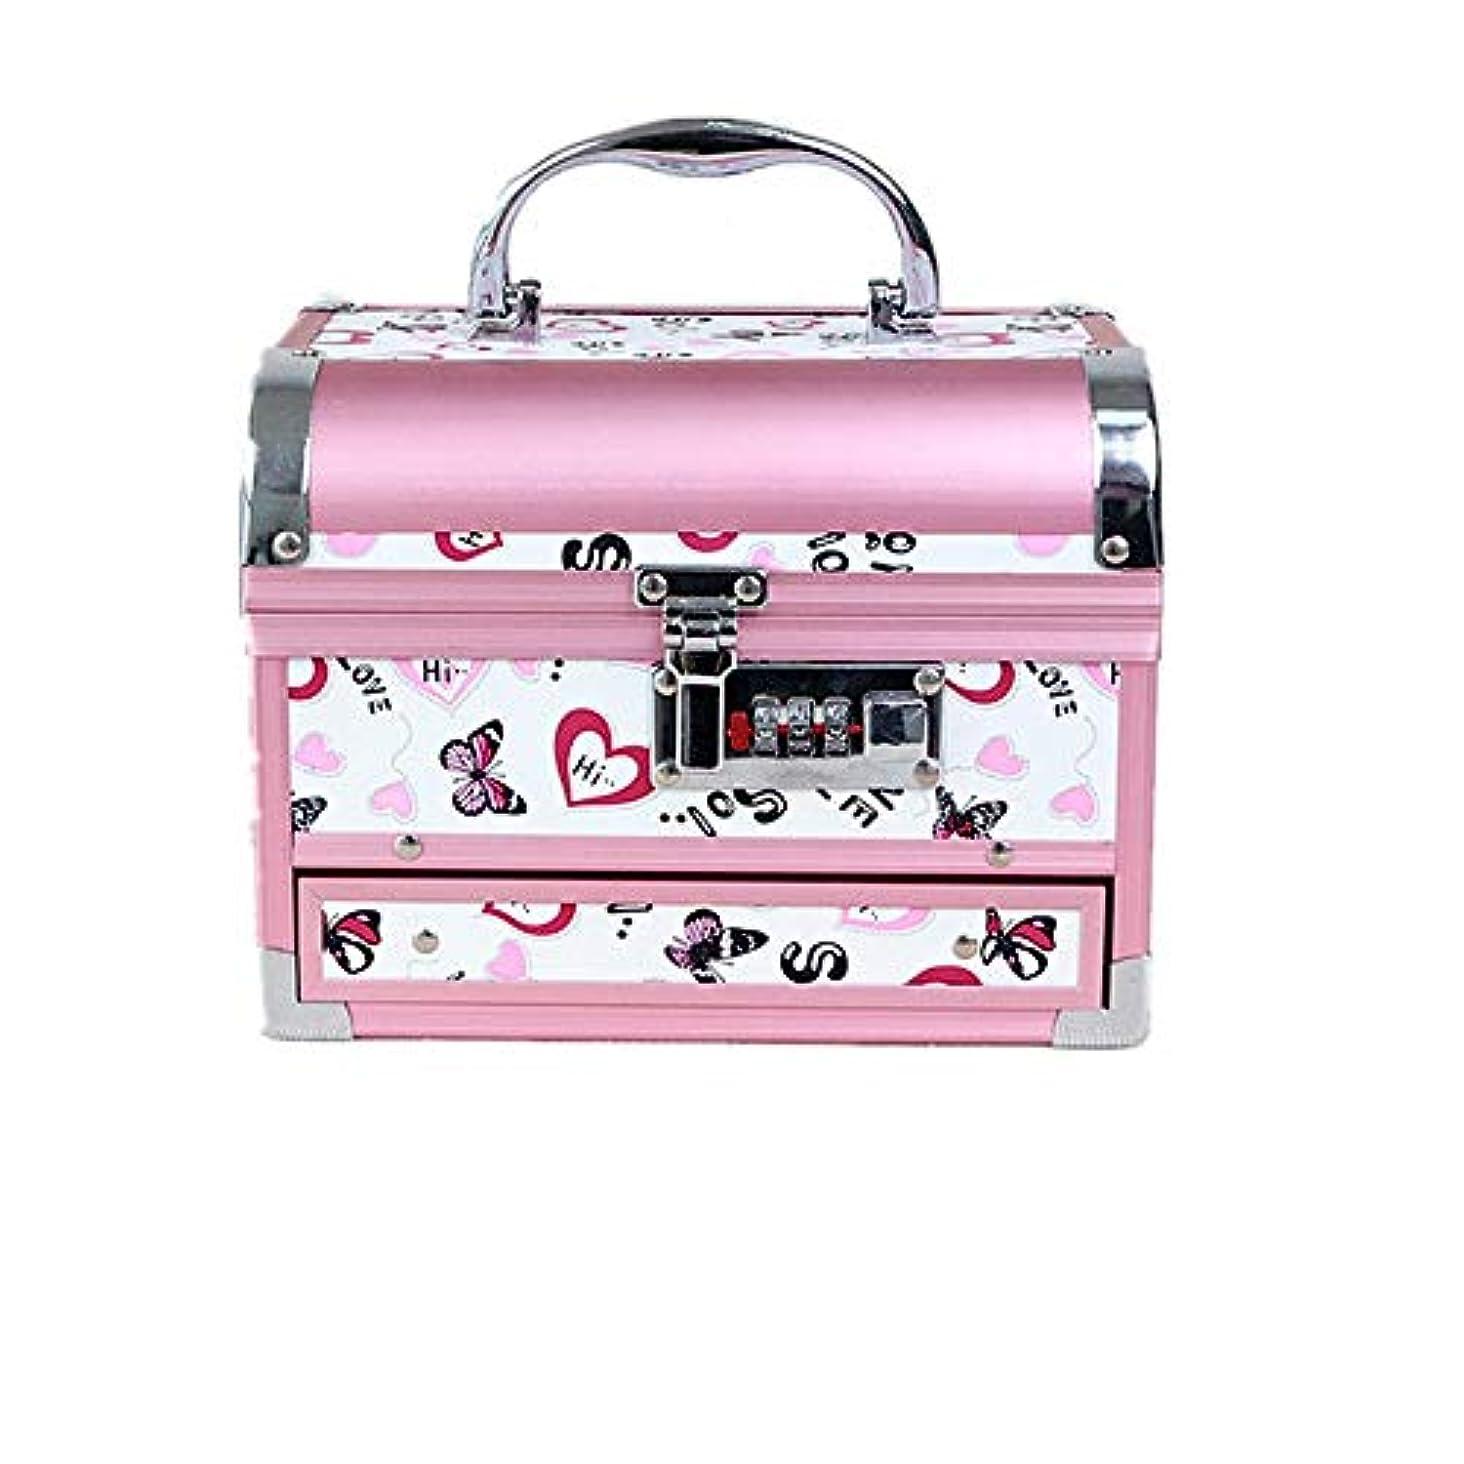 間ヤング十年化粧オーガナイザーバッグ かわいいパターンポータブル化粧品ケーストラベルアクセサリーシャンプーボディウォッシュパーソナルアイテムストレージロックと拡張トレイ 化粧品ケース